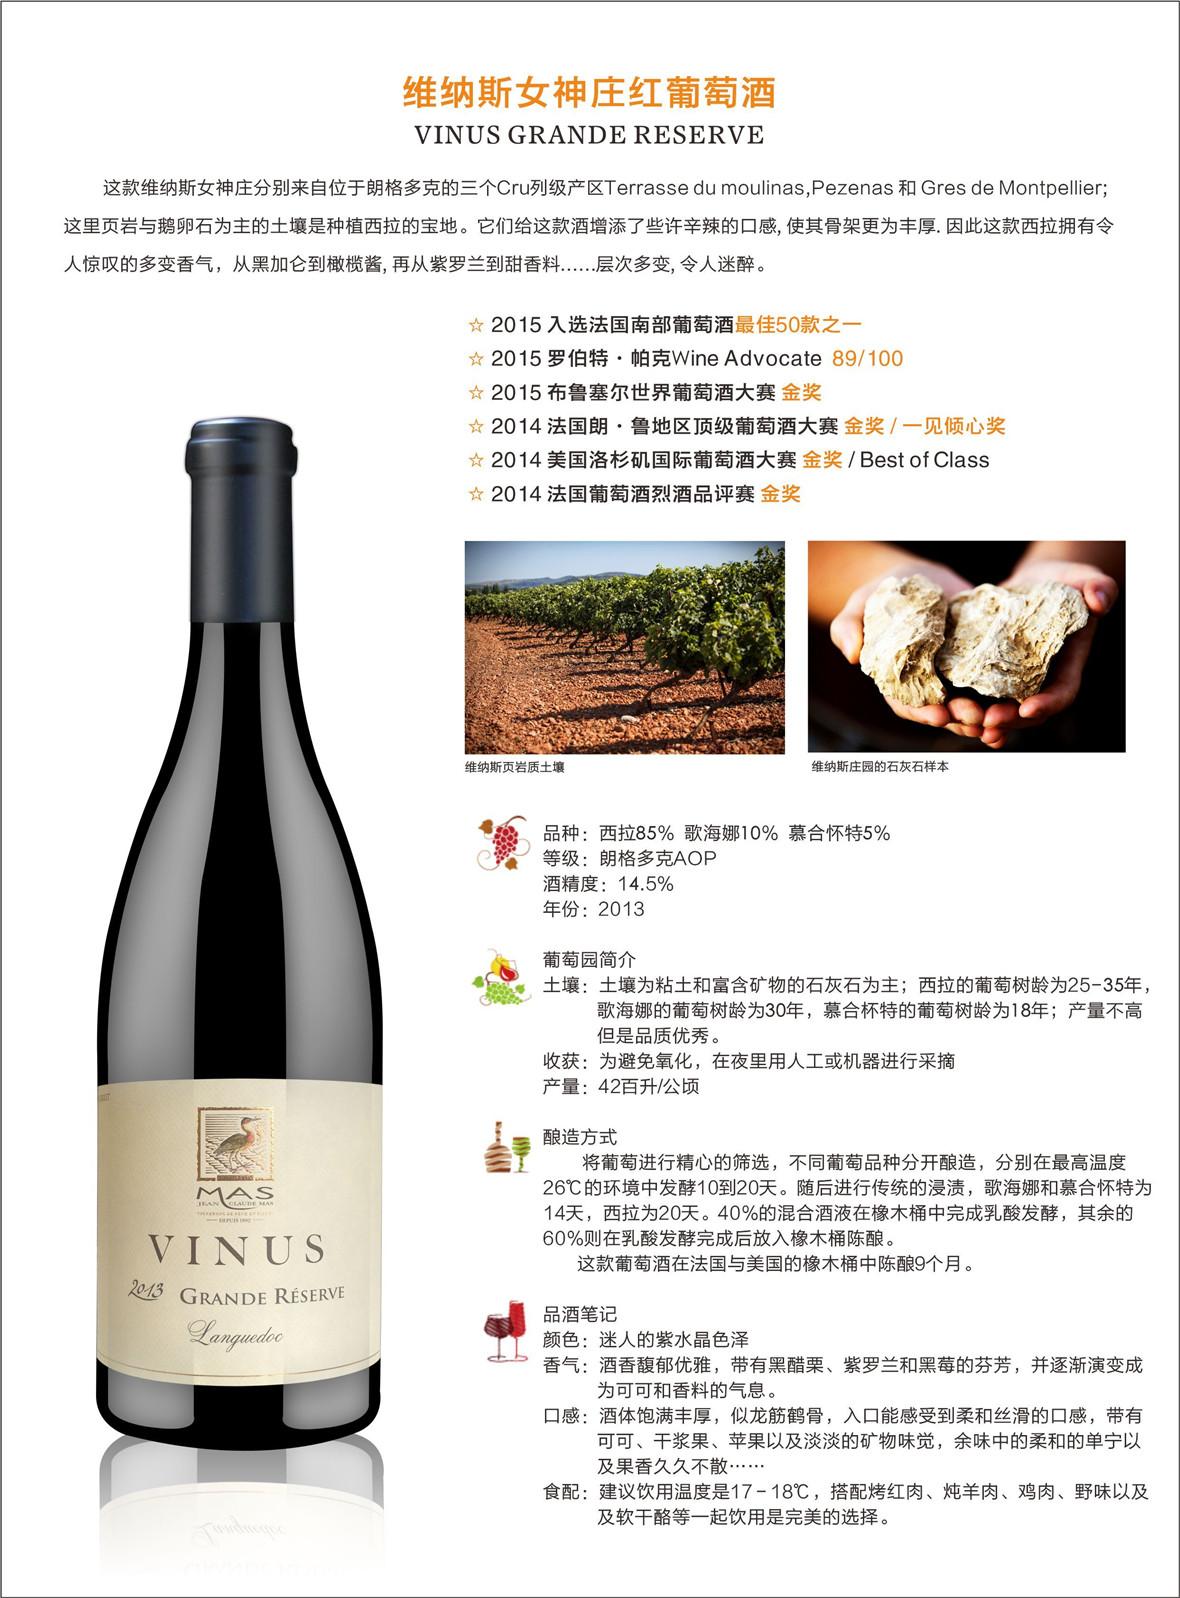 法国维纳斯女神庄红葡萄酒